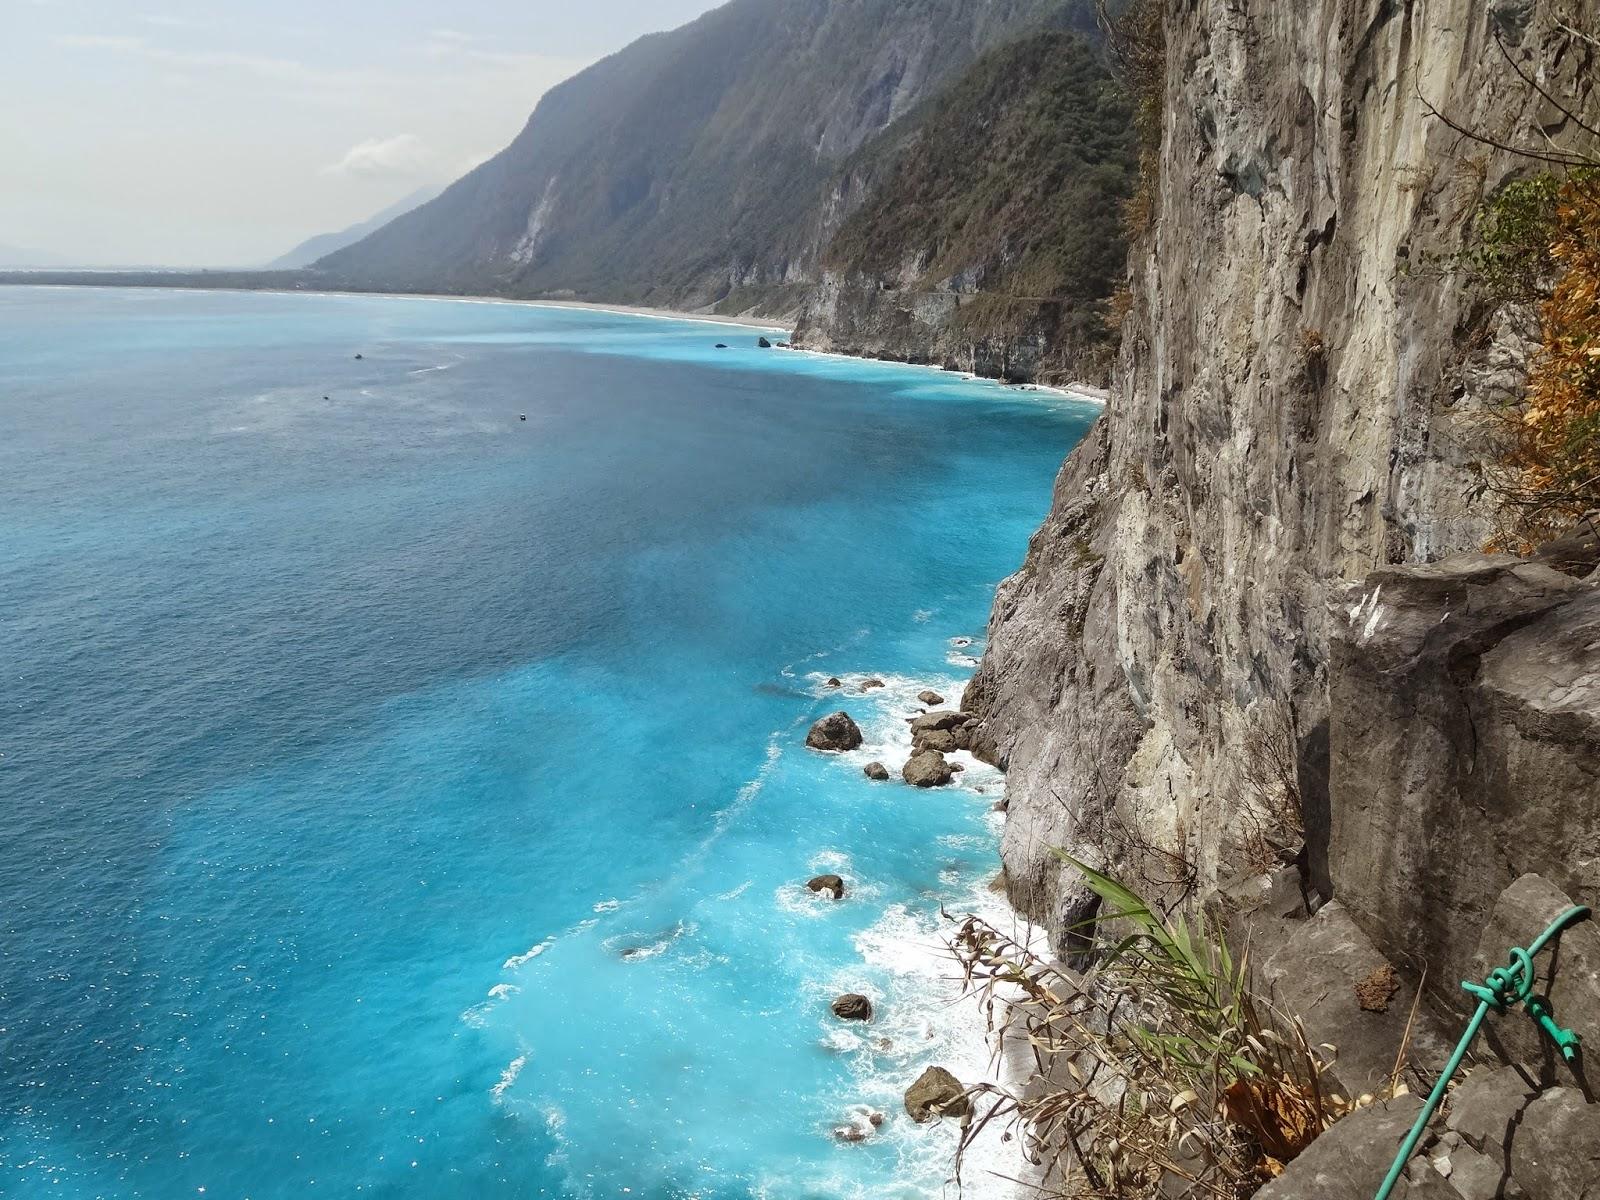 卓光華部落格: 探訪花蓮清水斷崖壯麗景觀-大自然鬼斧神工的力量